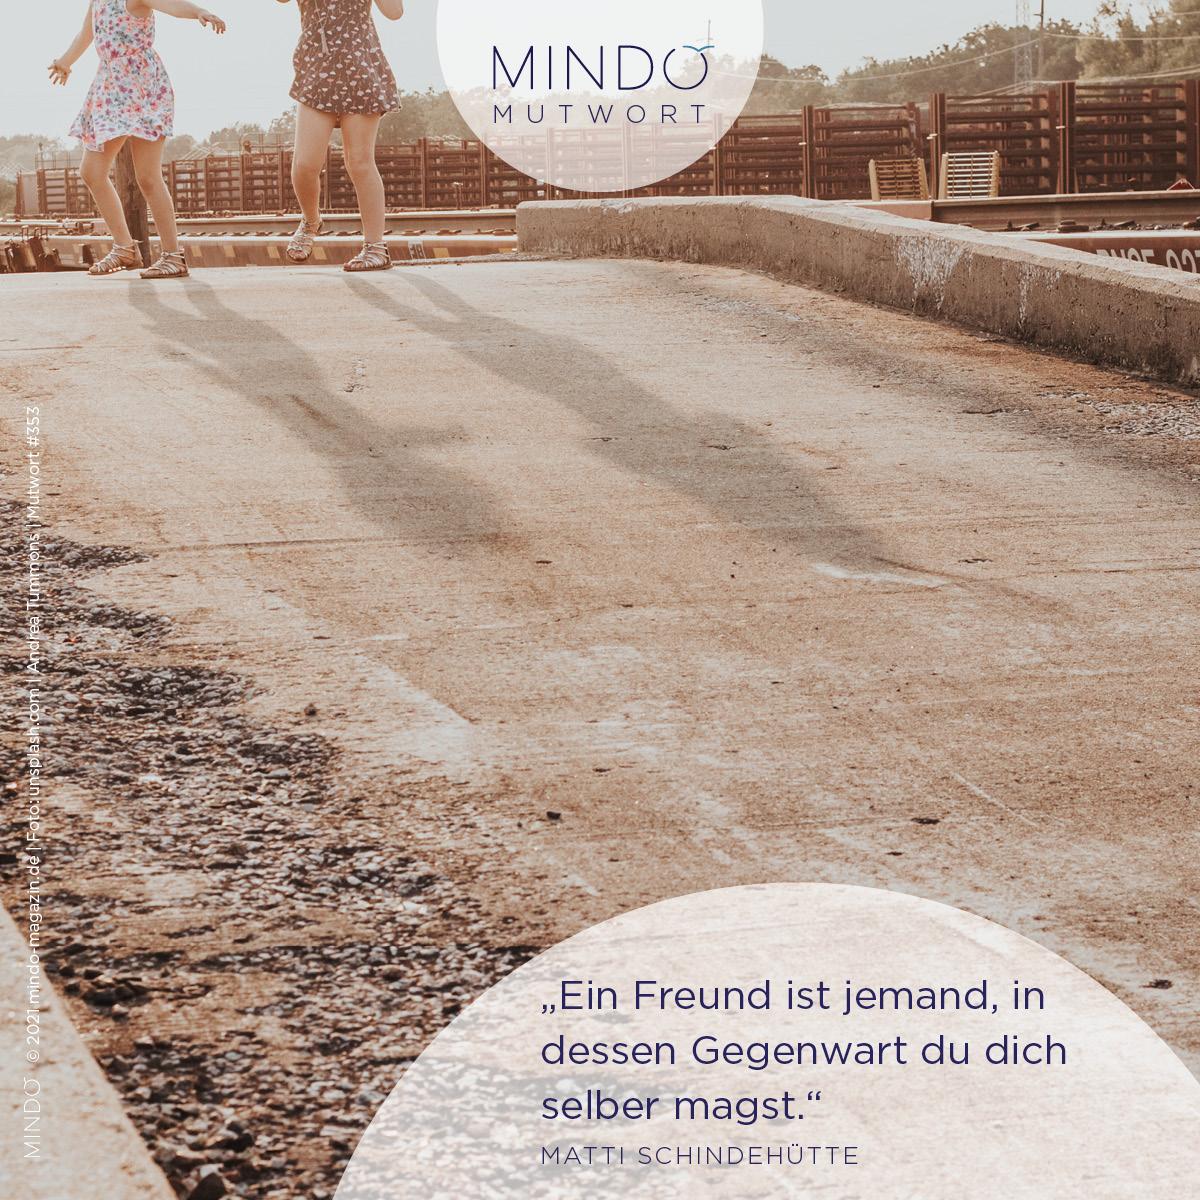 Ein Freund ist jemand, in dessen Gegenwart du dich selber magst. – Matti Schindehütte